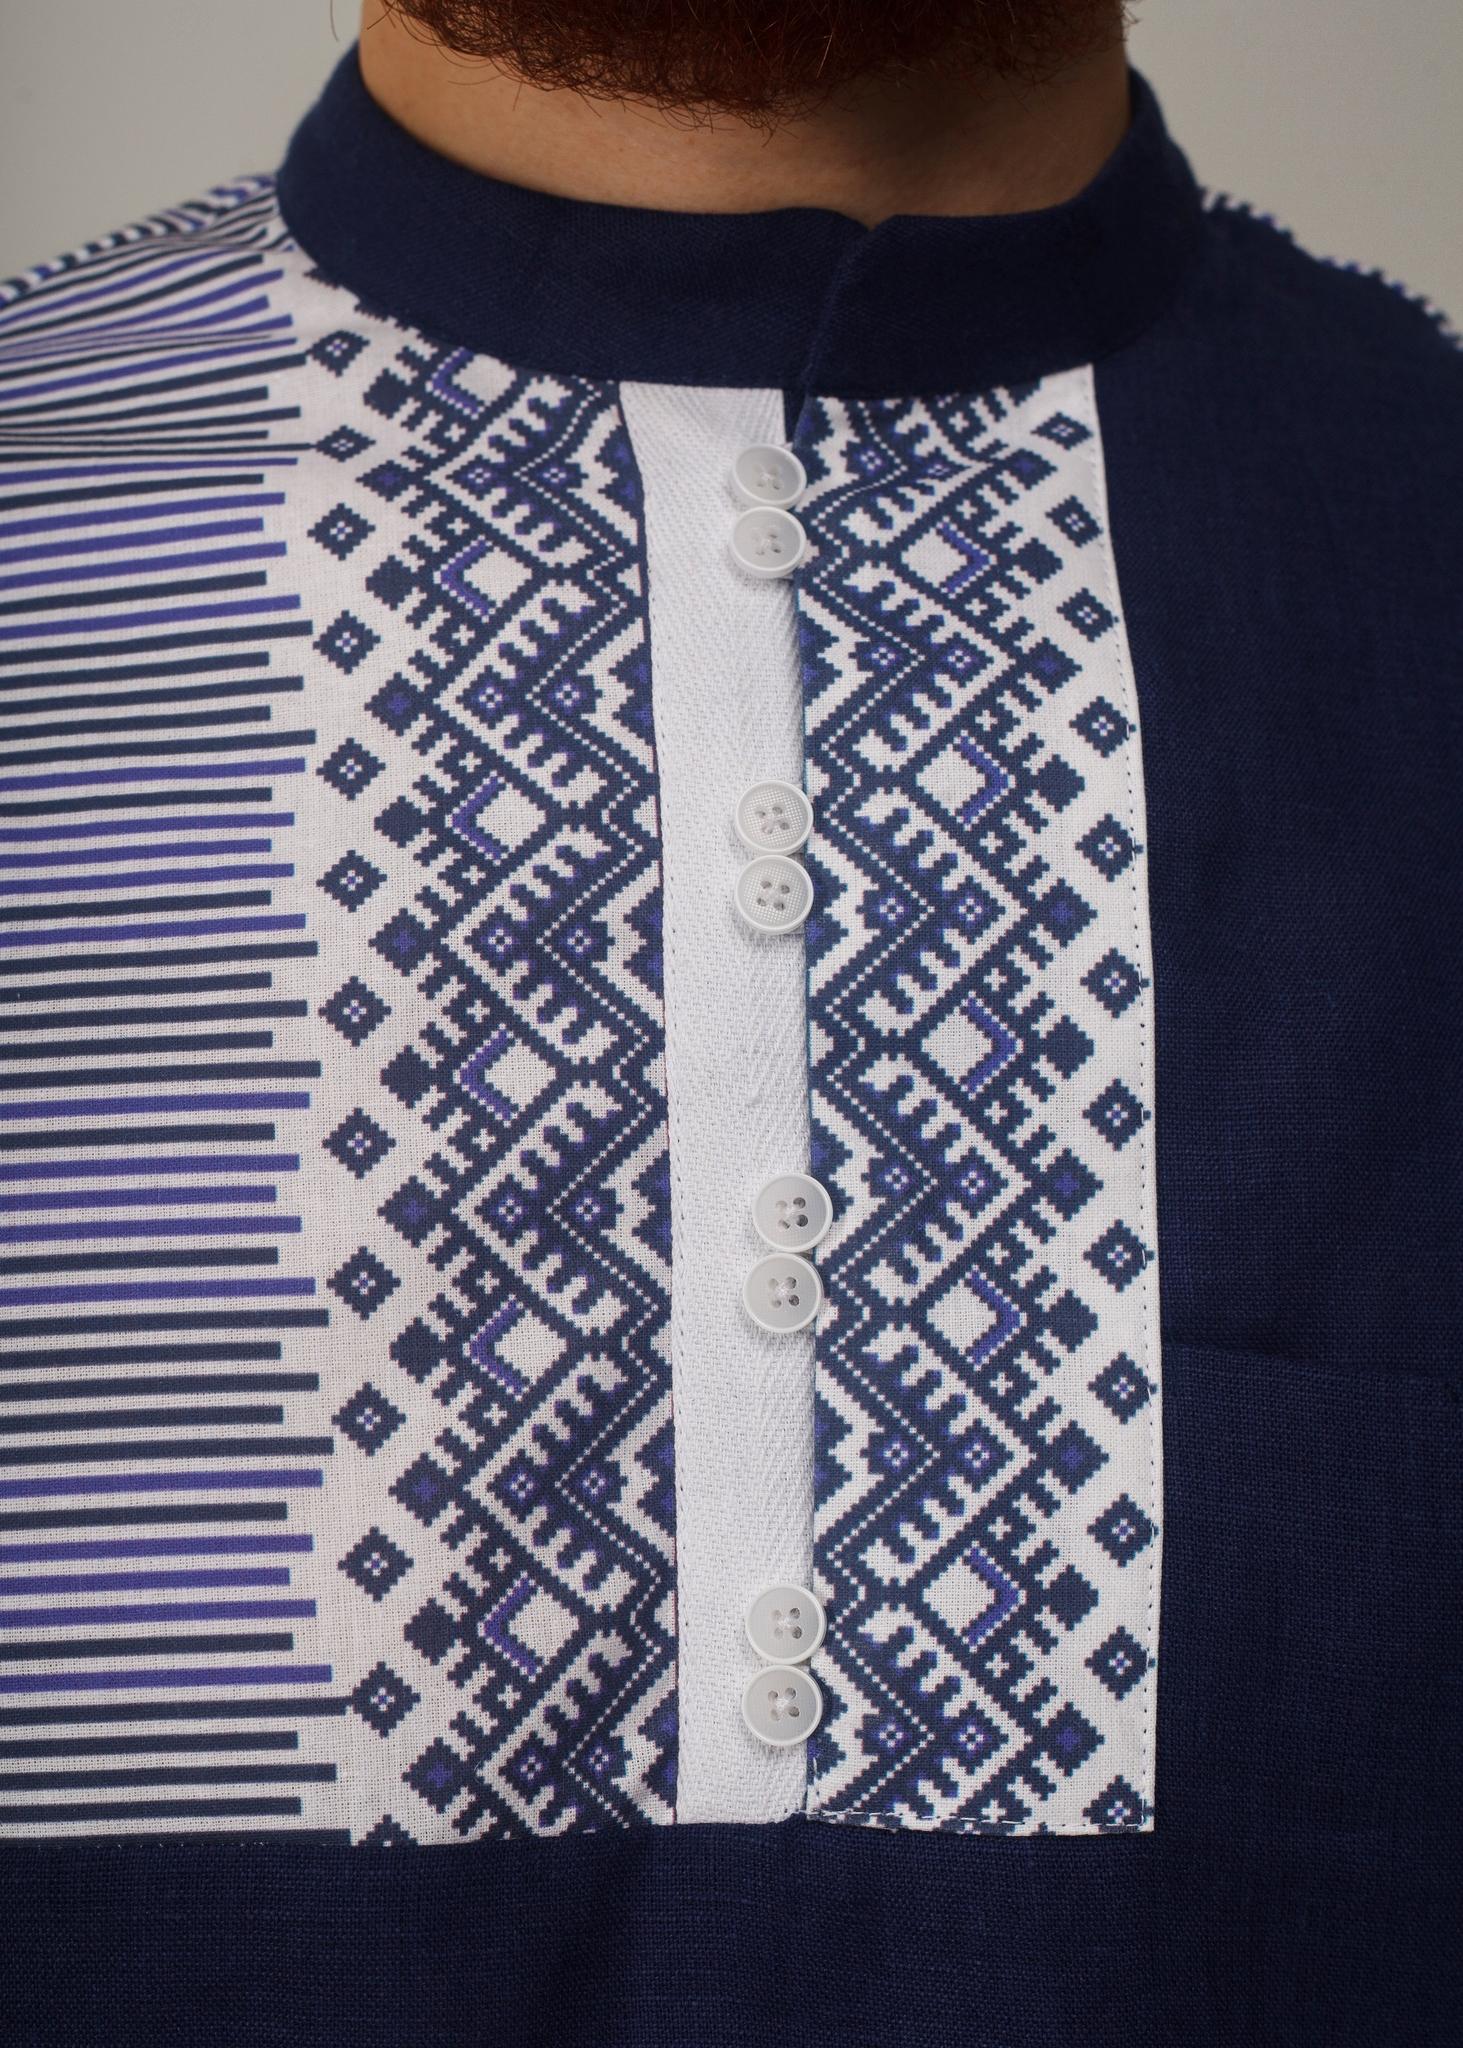 Рубашка мужская Сибирская Приближенный фрагмент